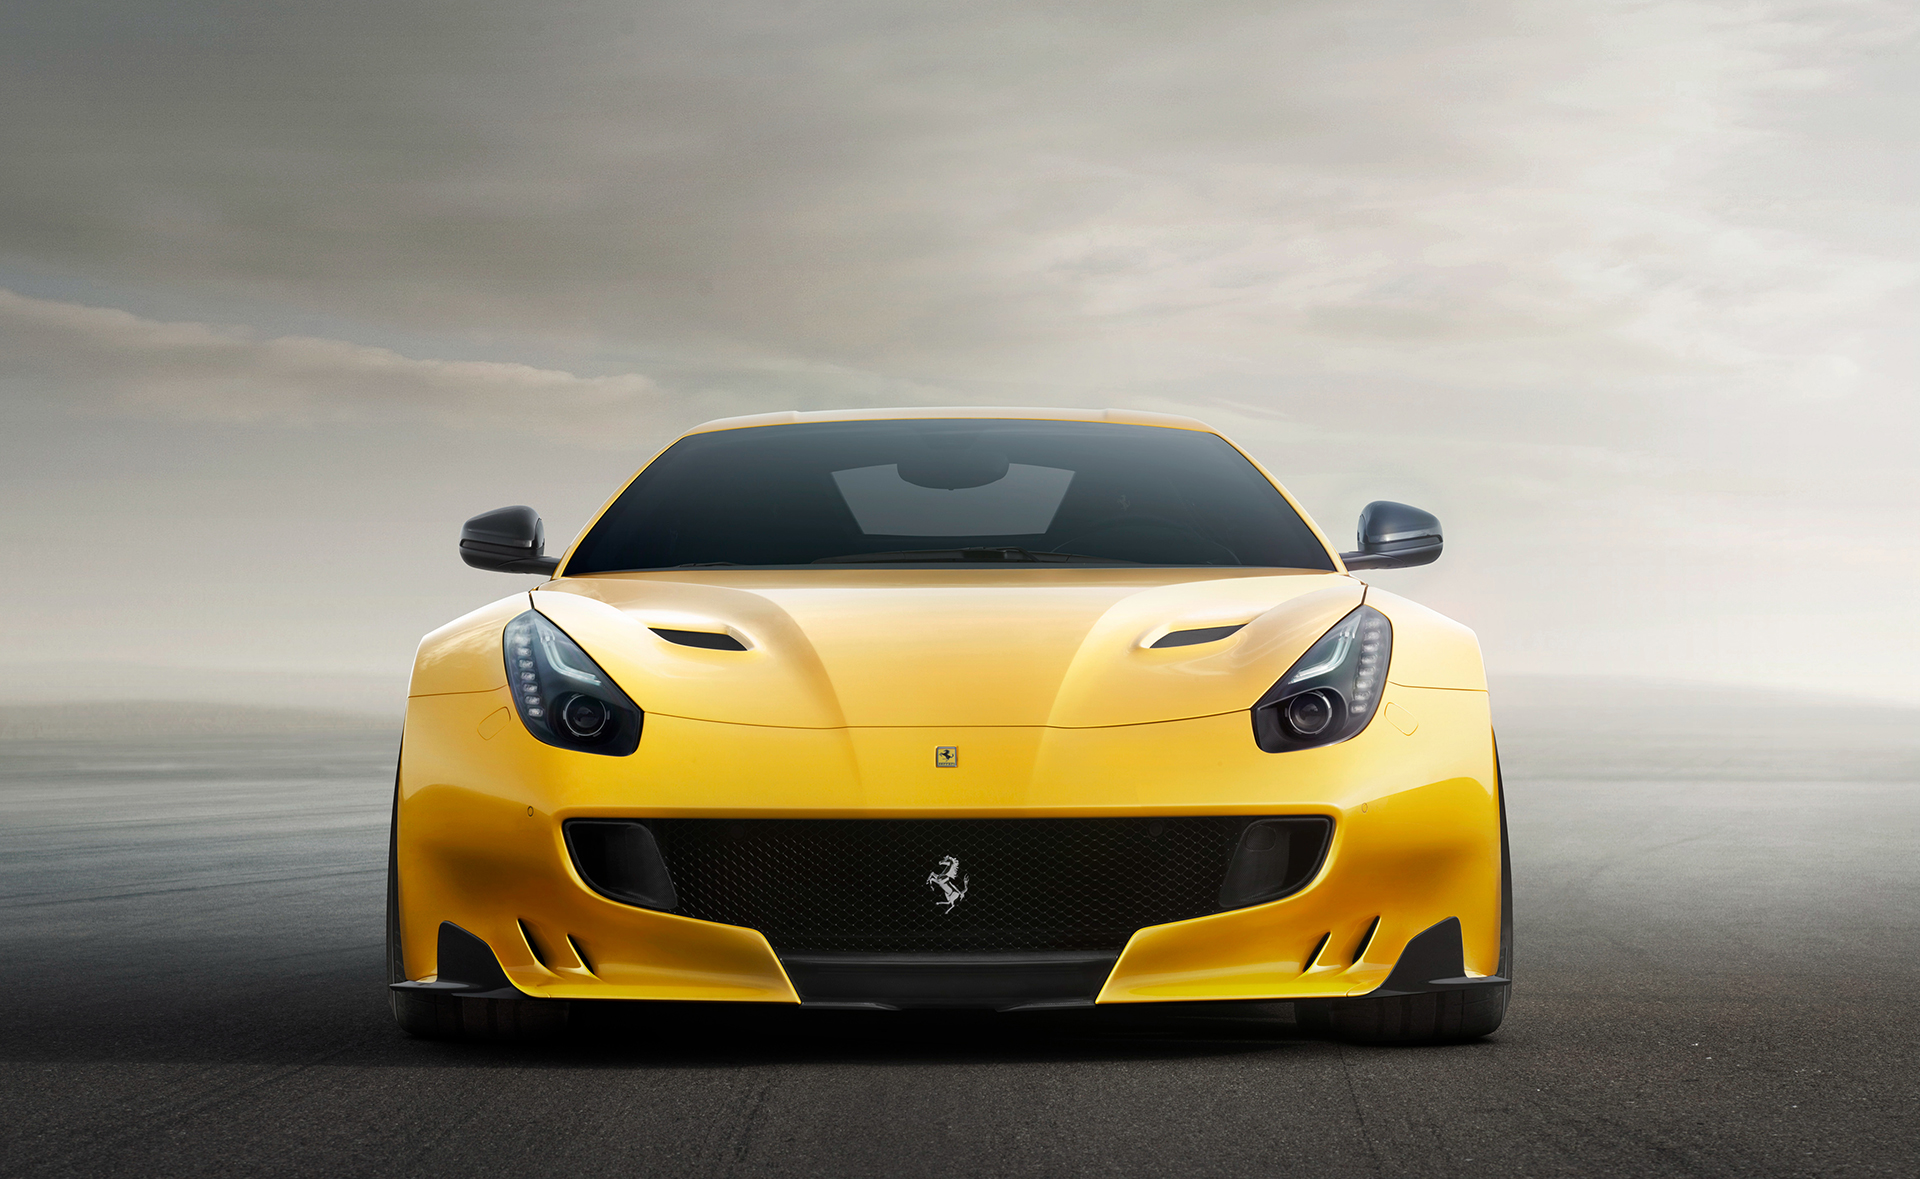 Ferrari F12tdf - avant / front